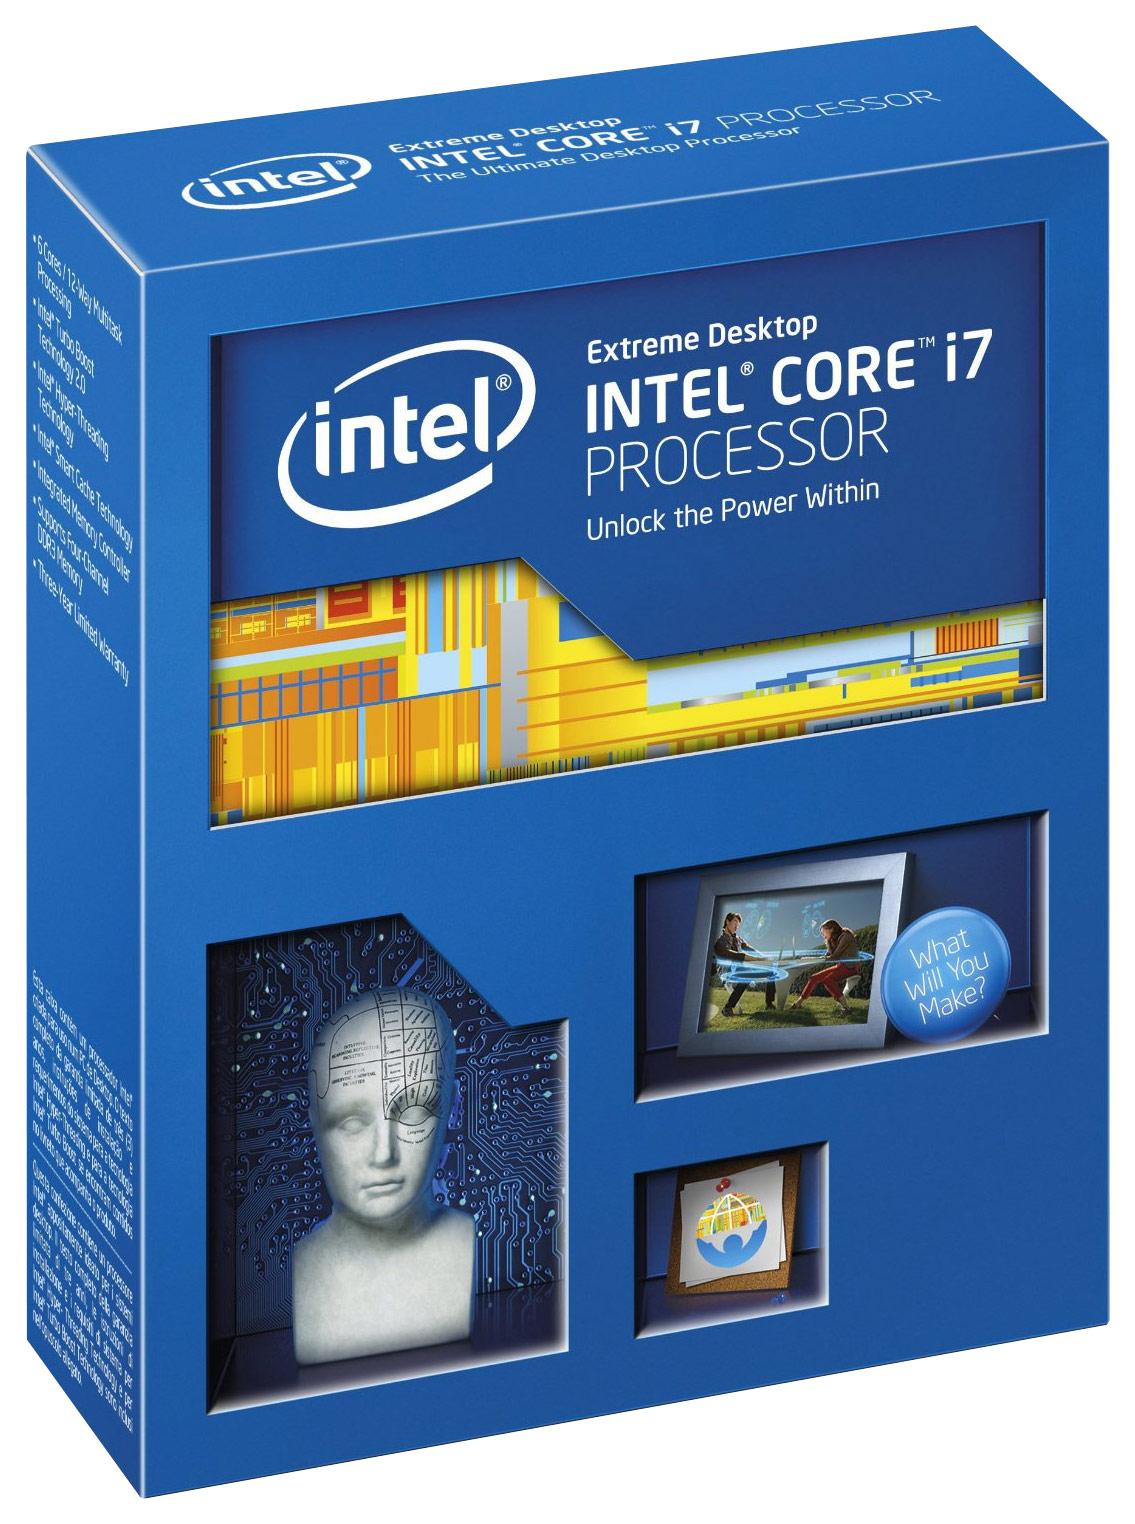 Intel - Core™ i7-5820K 3.3GHz Processor - Multi